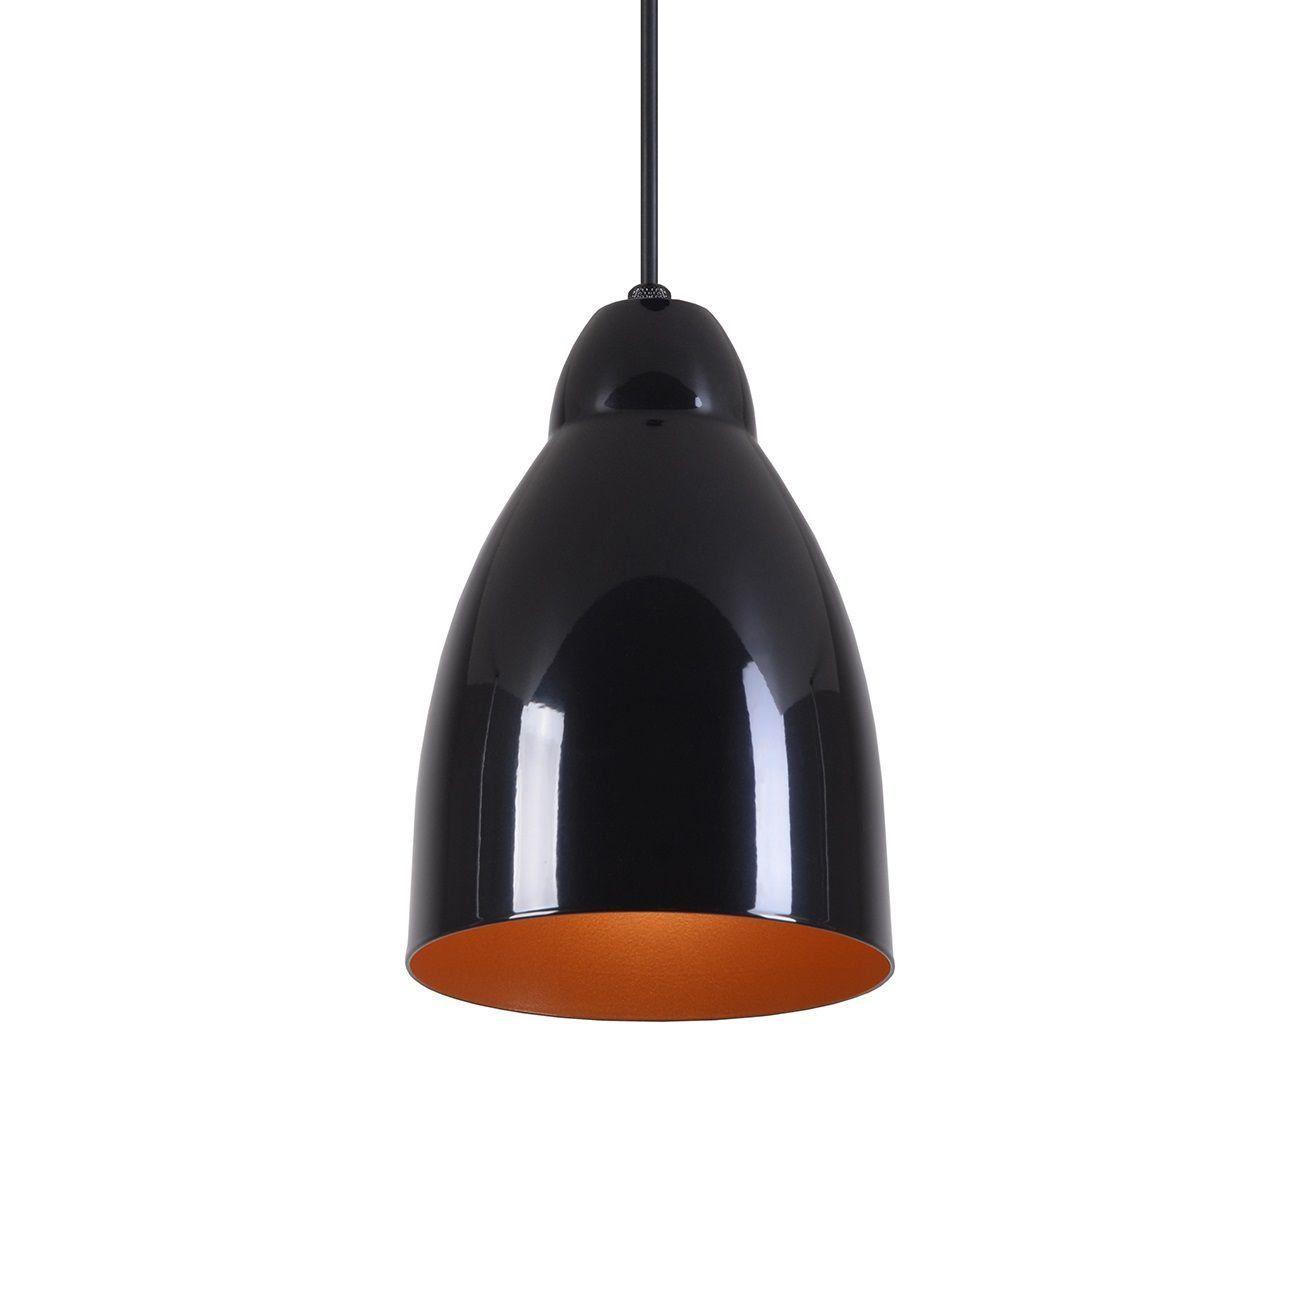 Pendente Bala Luminária Lustre Alumínio Preto Brilhante C/ Cobre - Rei Da Iluminação